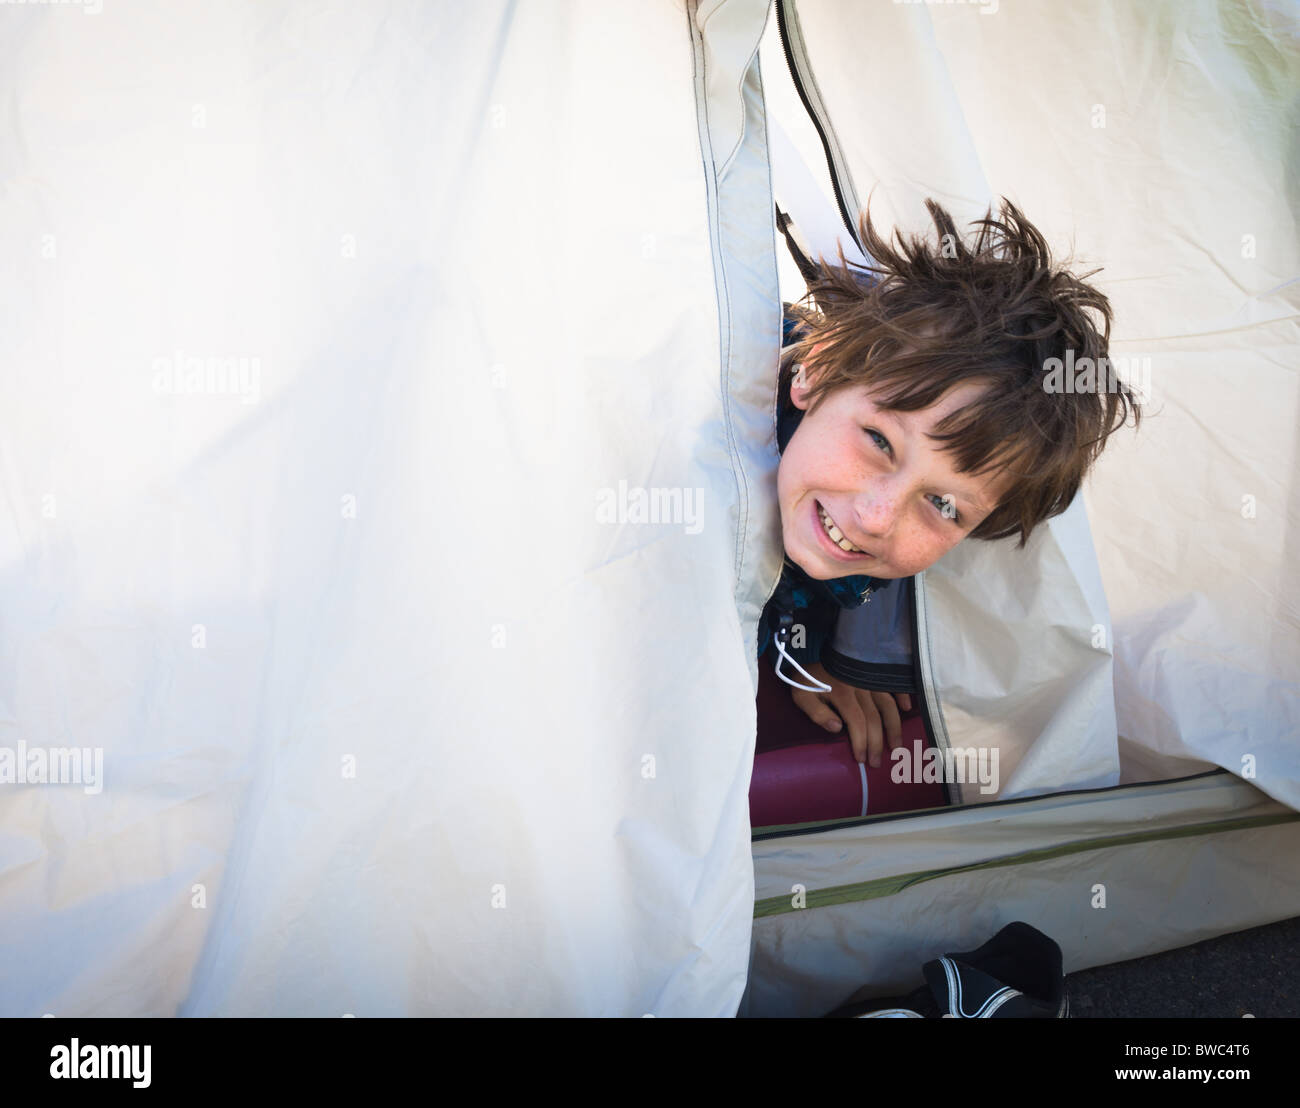 Rapaz a olhar para fora da tenda Imagens de Stock